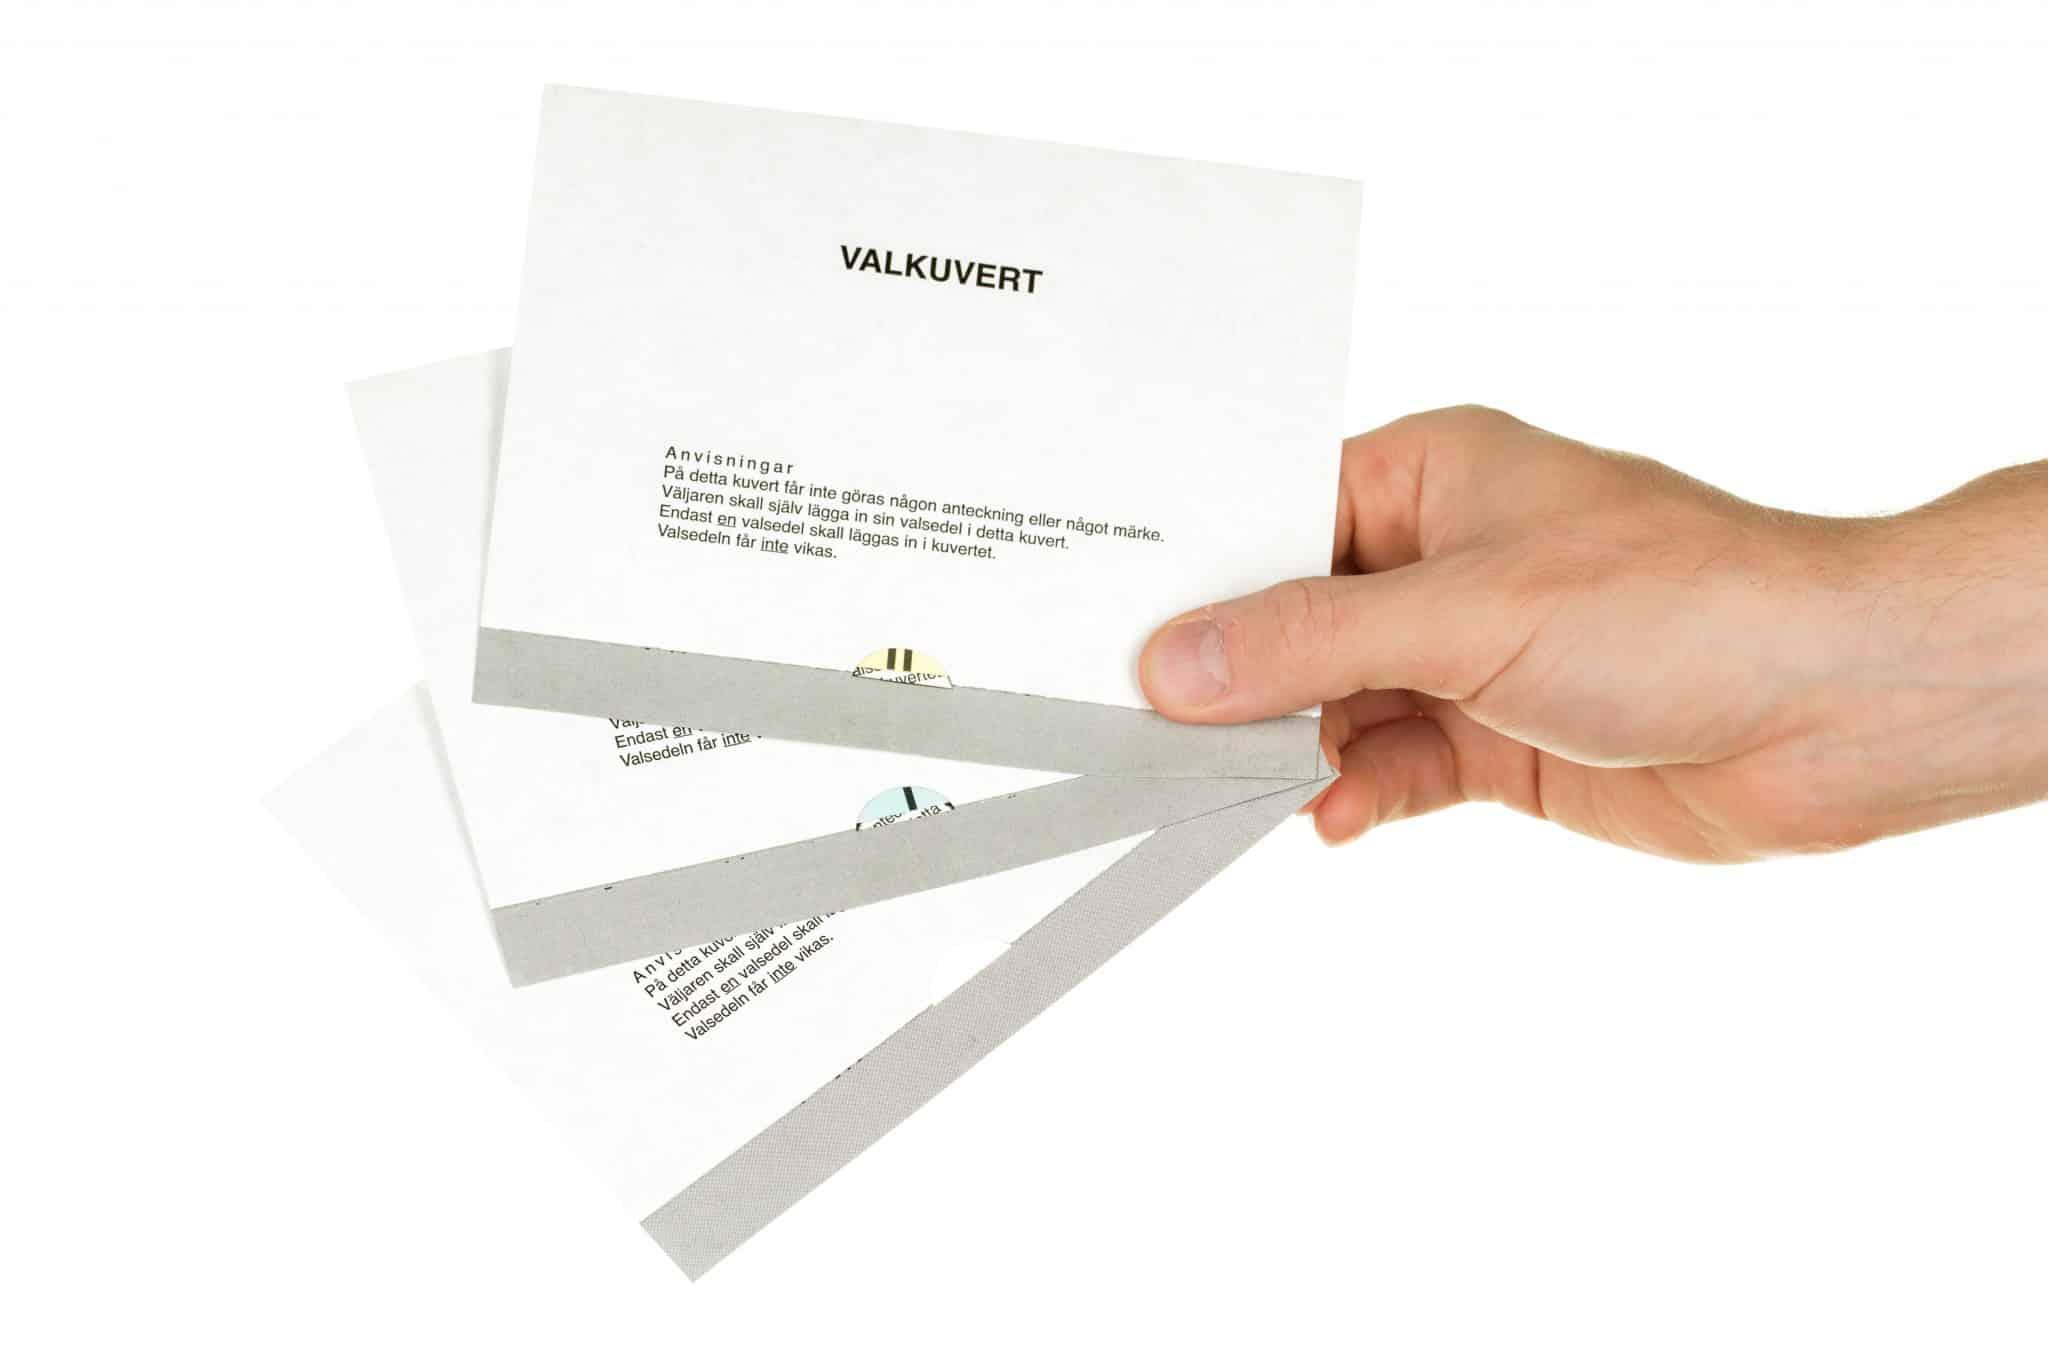 91cb976e5902 Partierna har inte råd att nonchalera det som engagerar över en halv miljon  röstberättigade: vargar